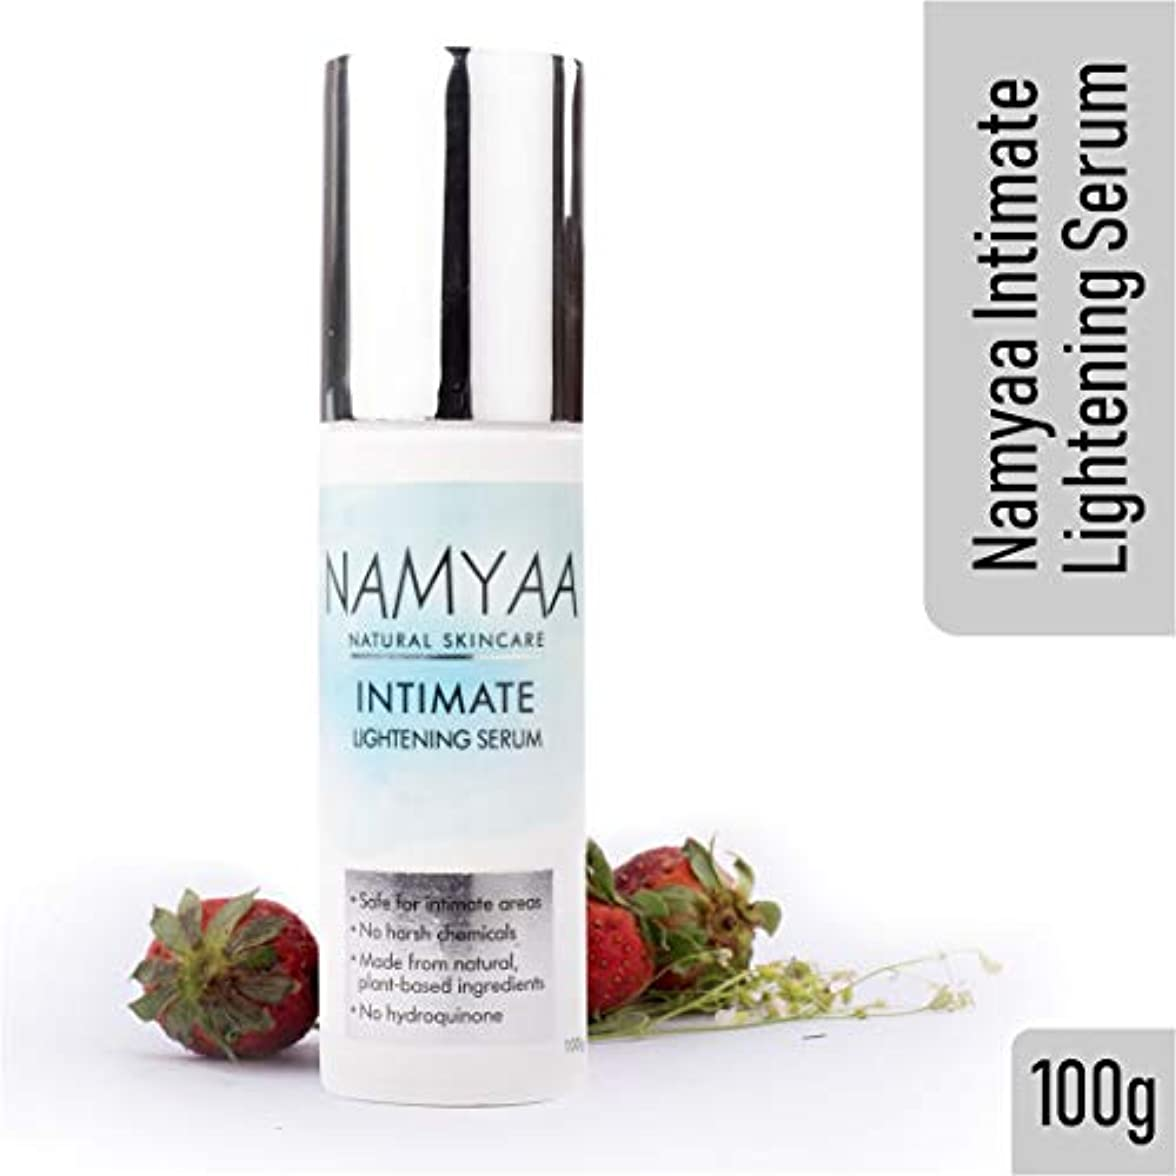 ダメージ未満粉砕するQraa Namaya Intimate Lightening Serum, 100g